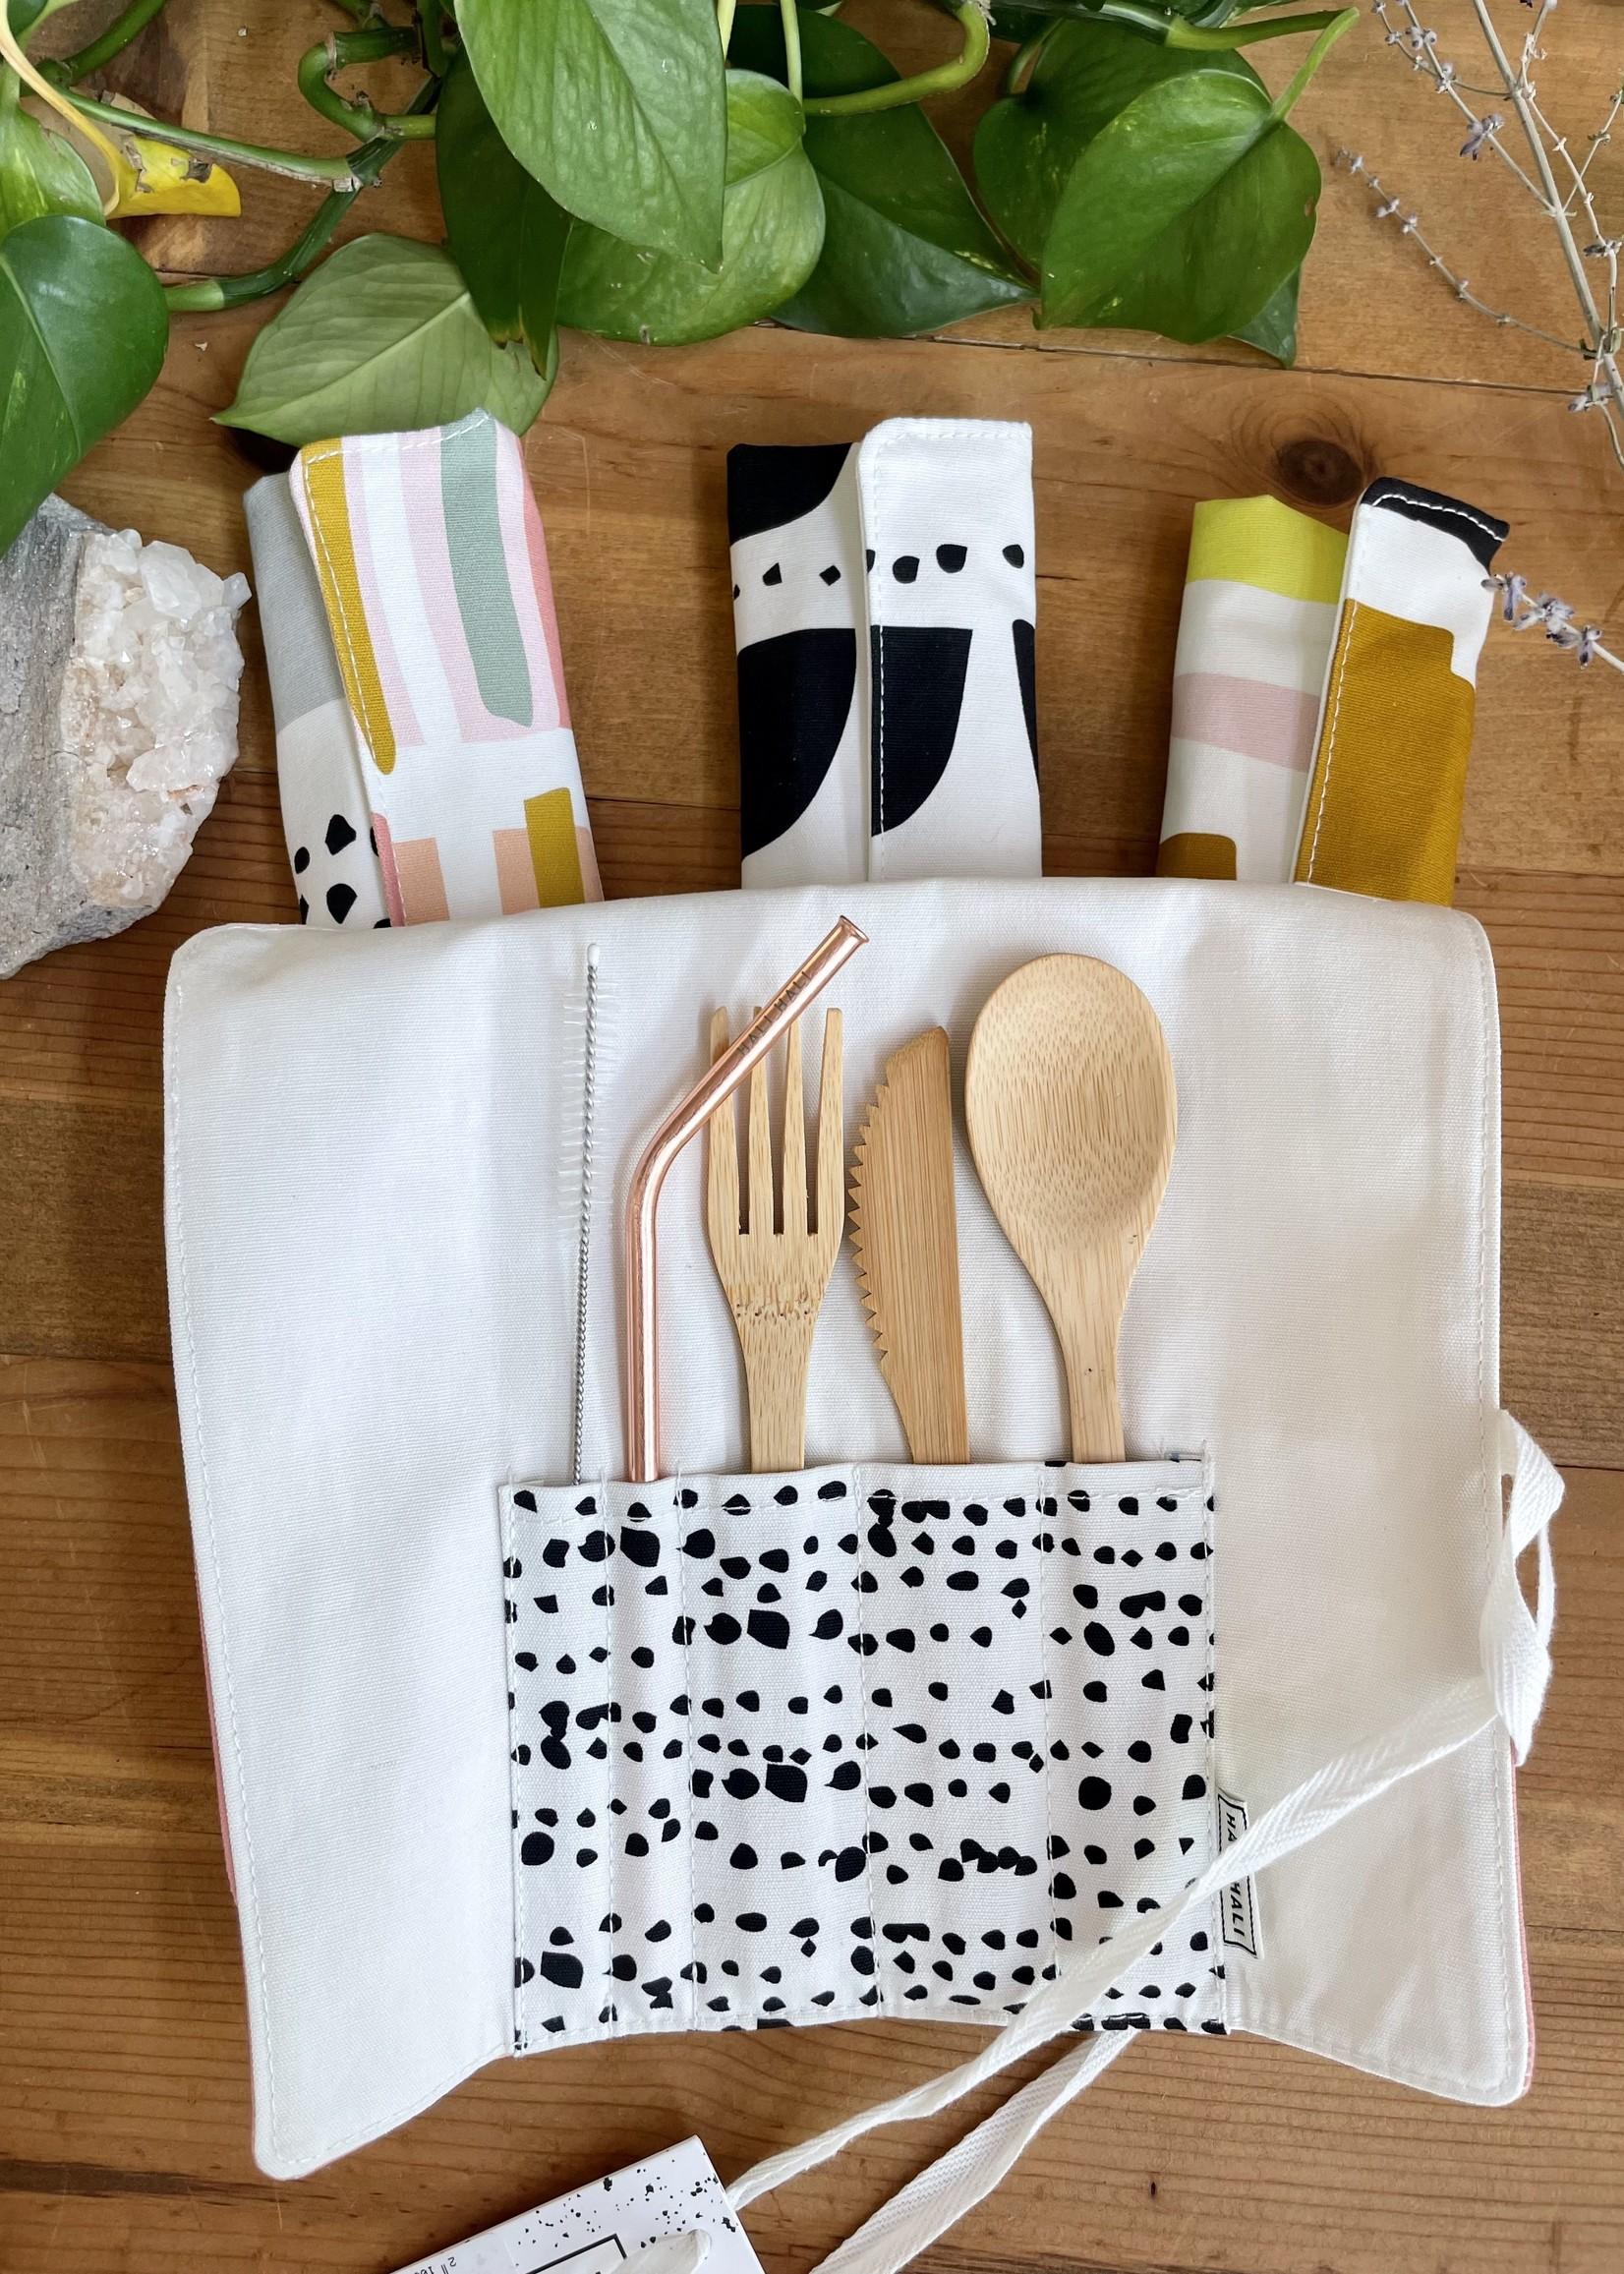 Hali Hali Eco-Friendly Reusable Cutlery Set